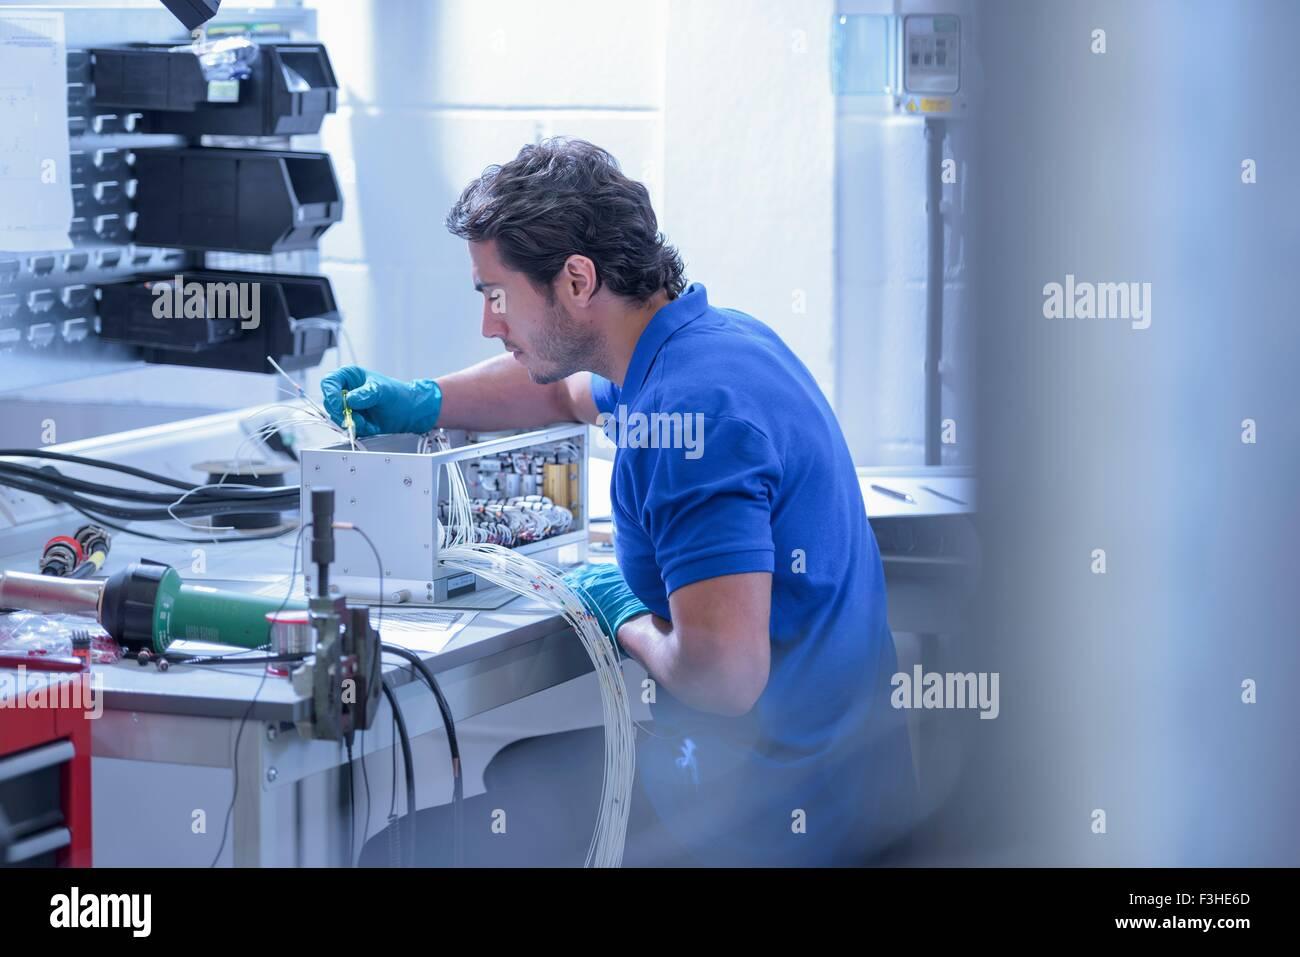 Arbeiter, die Montage der Elektronik in der Elektronik-Fabrik Stockbild